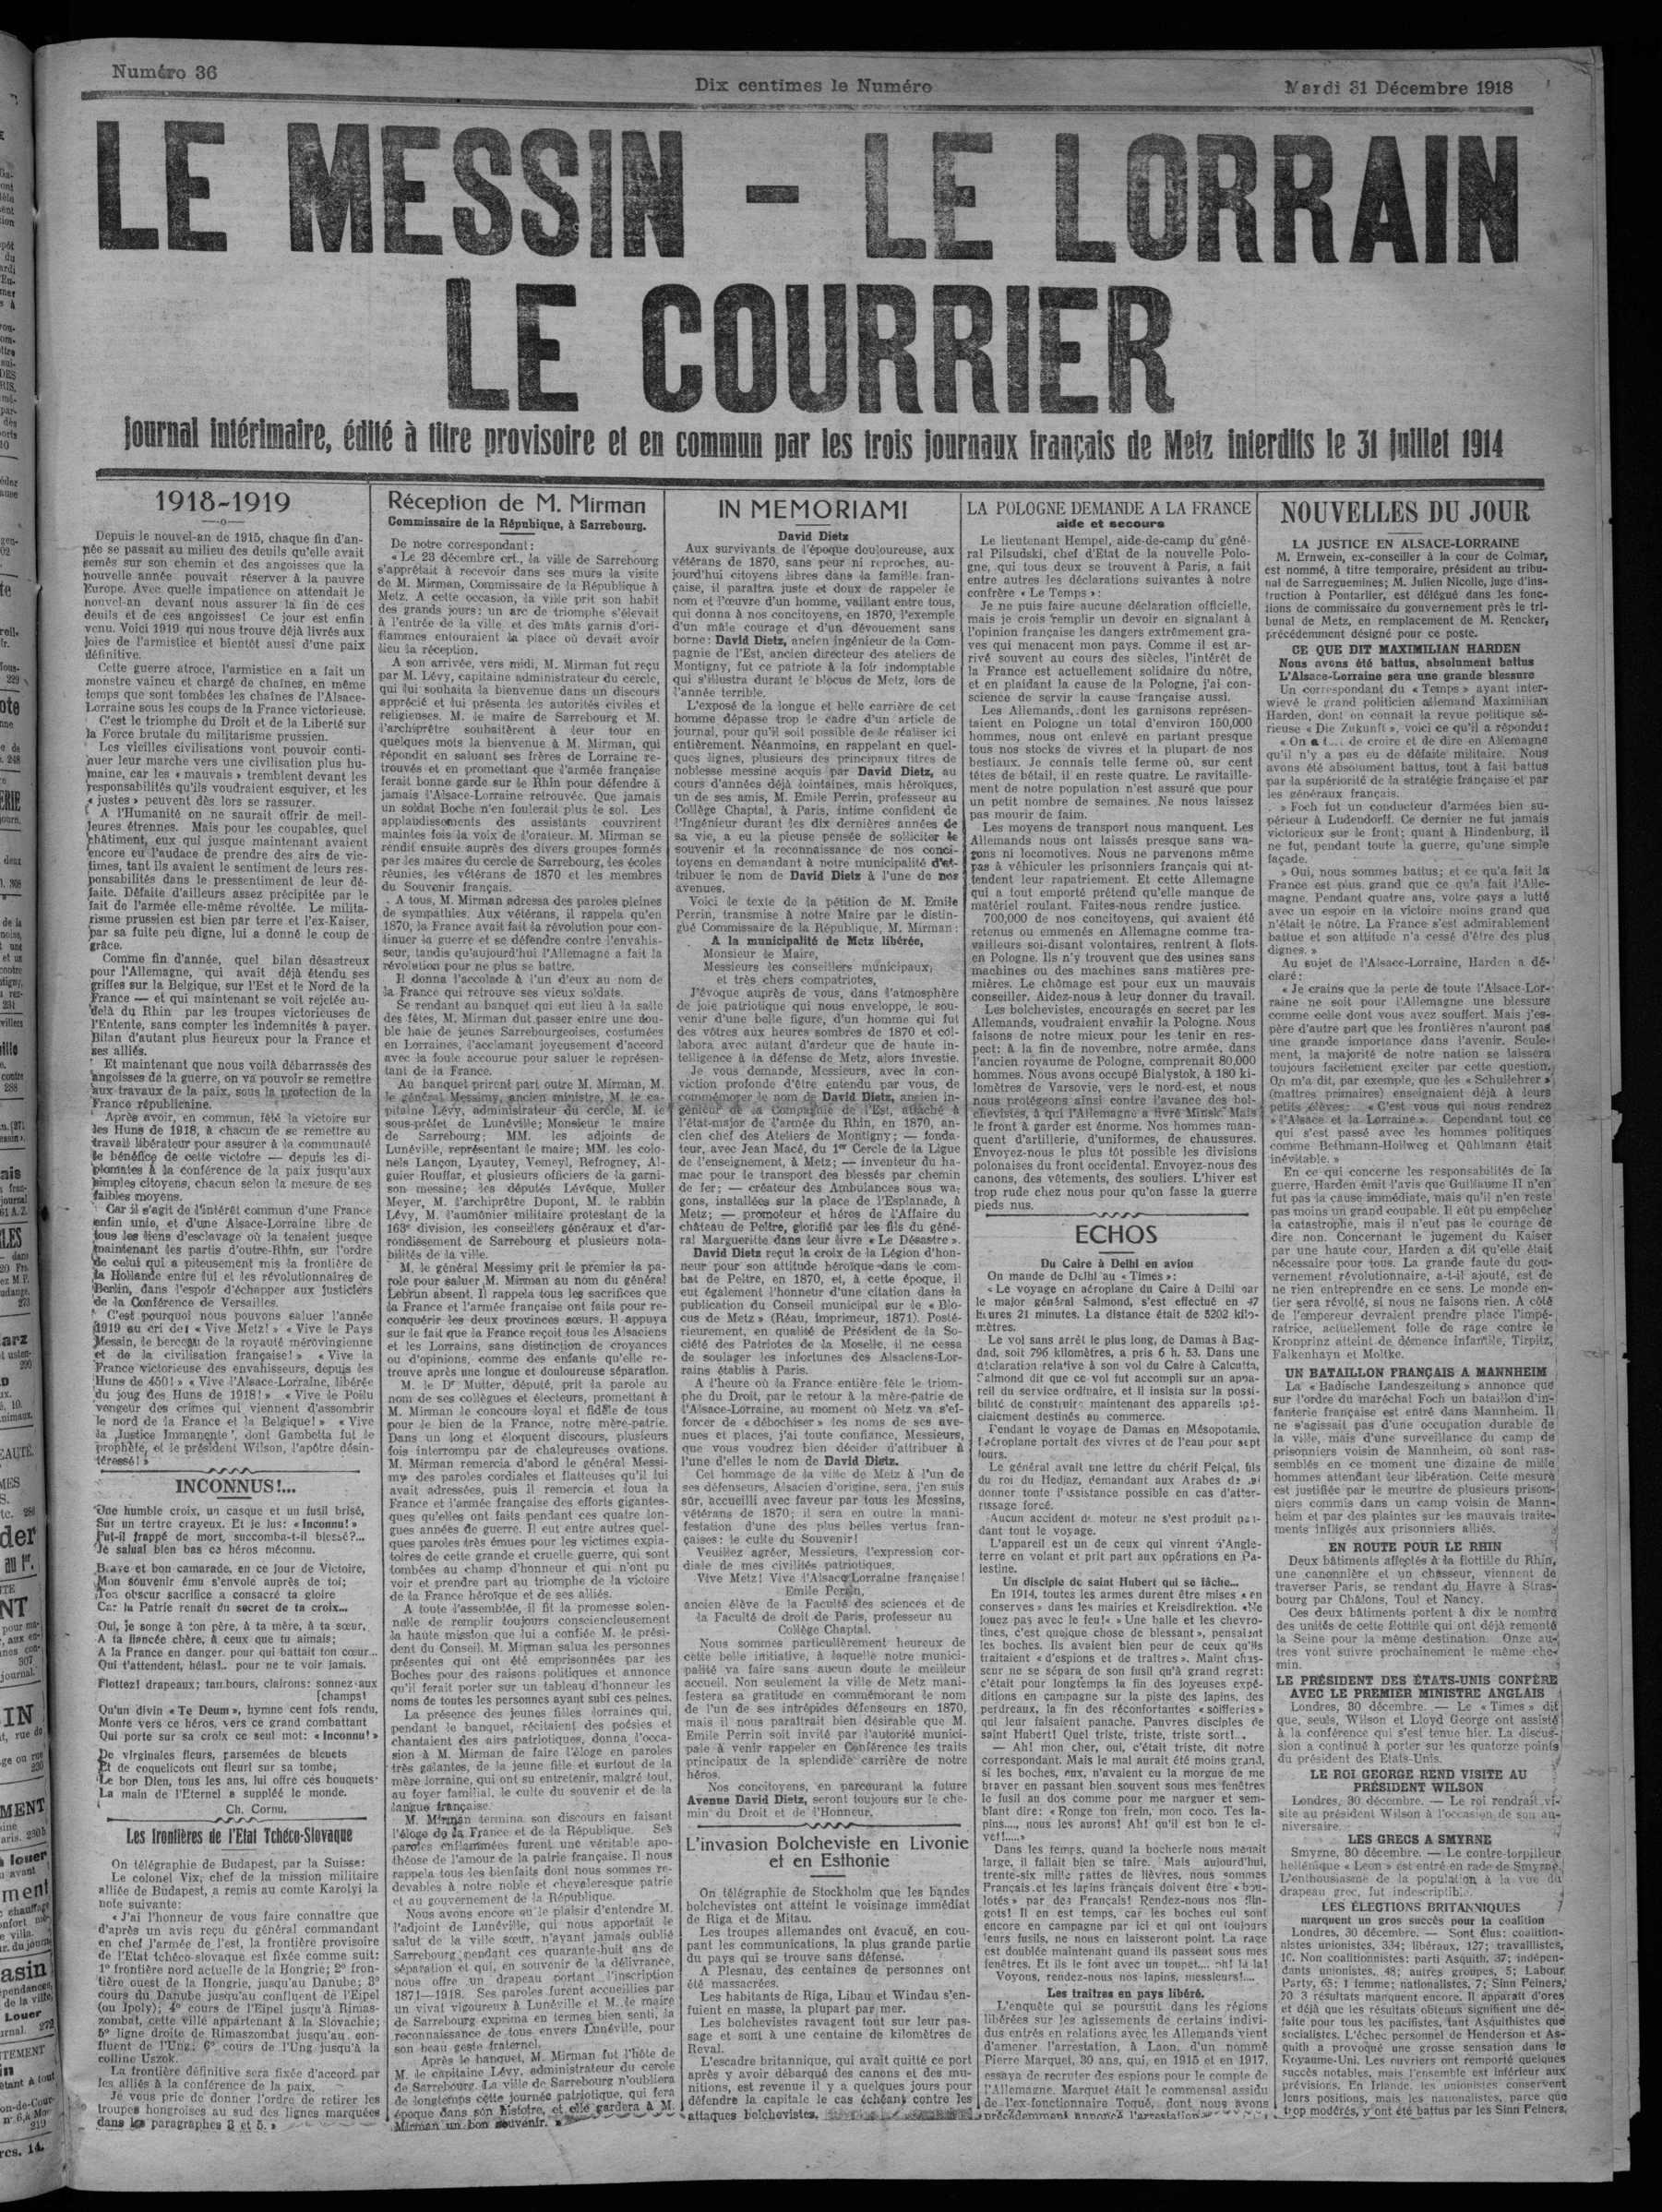 Contenu du Le Messin, Le Lorrain, Le Courrier